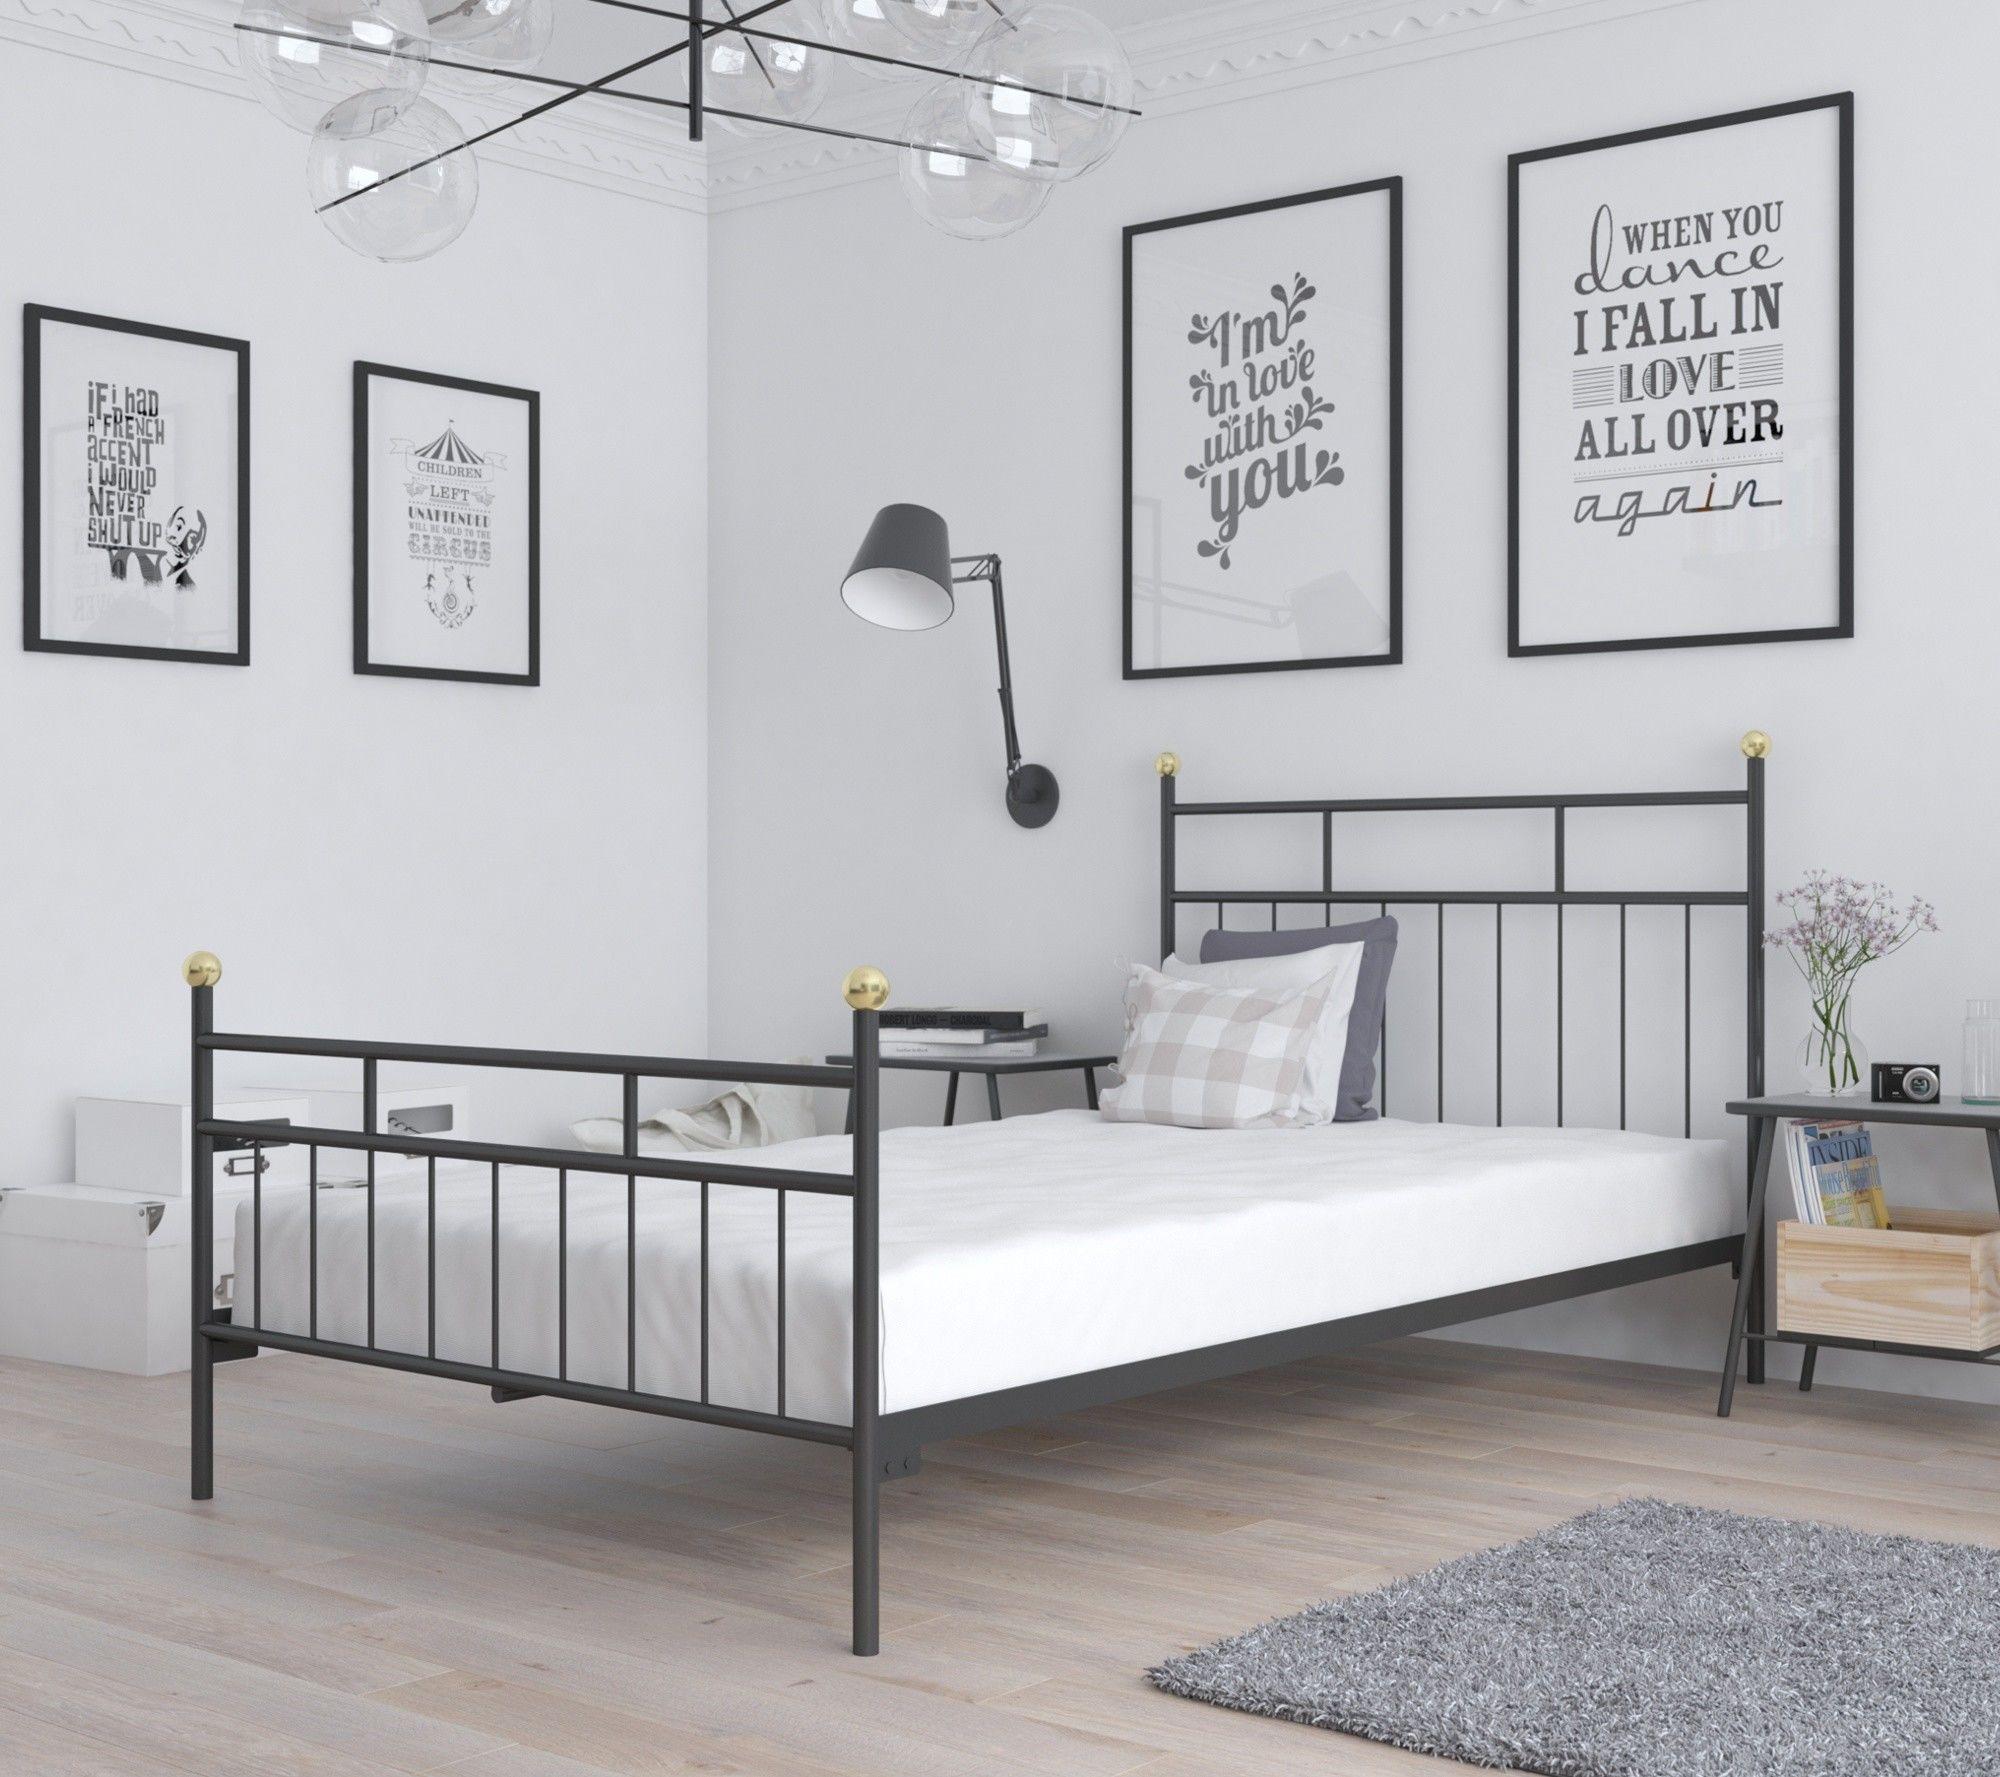 Łóżko metalowe sypialniane 90x180 wzór 27 ze stelażem